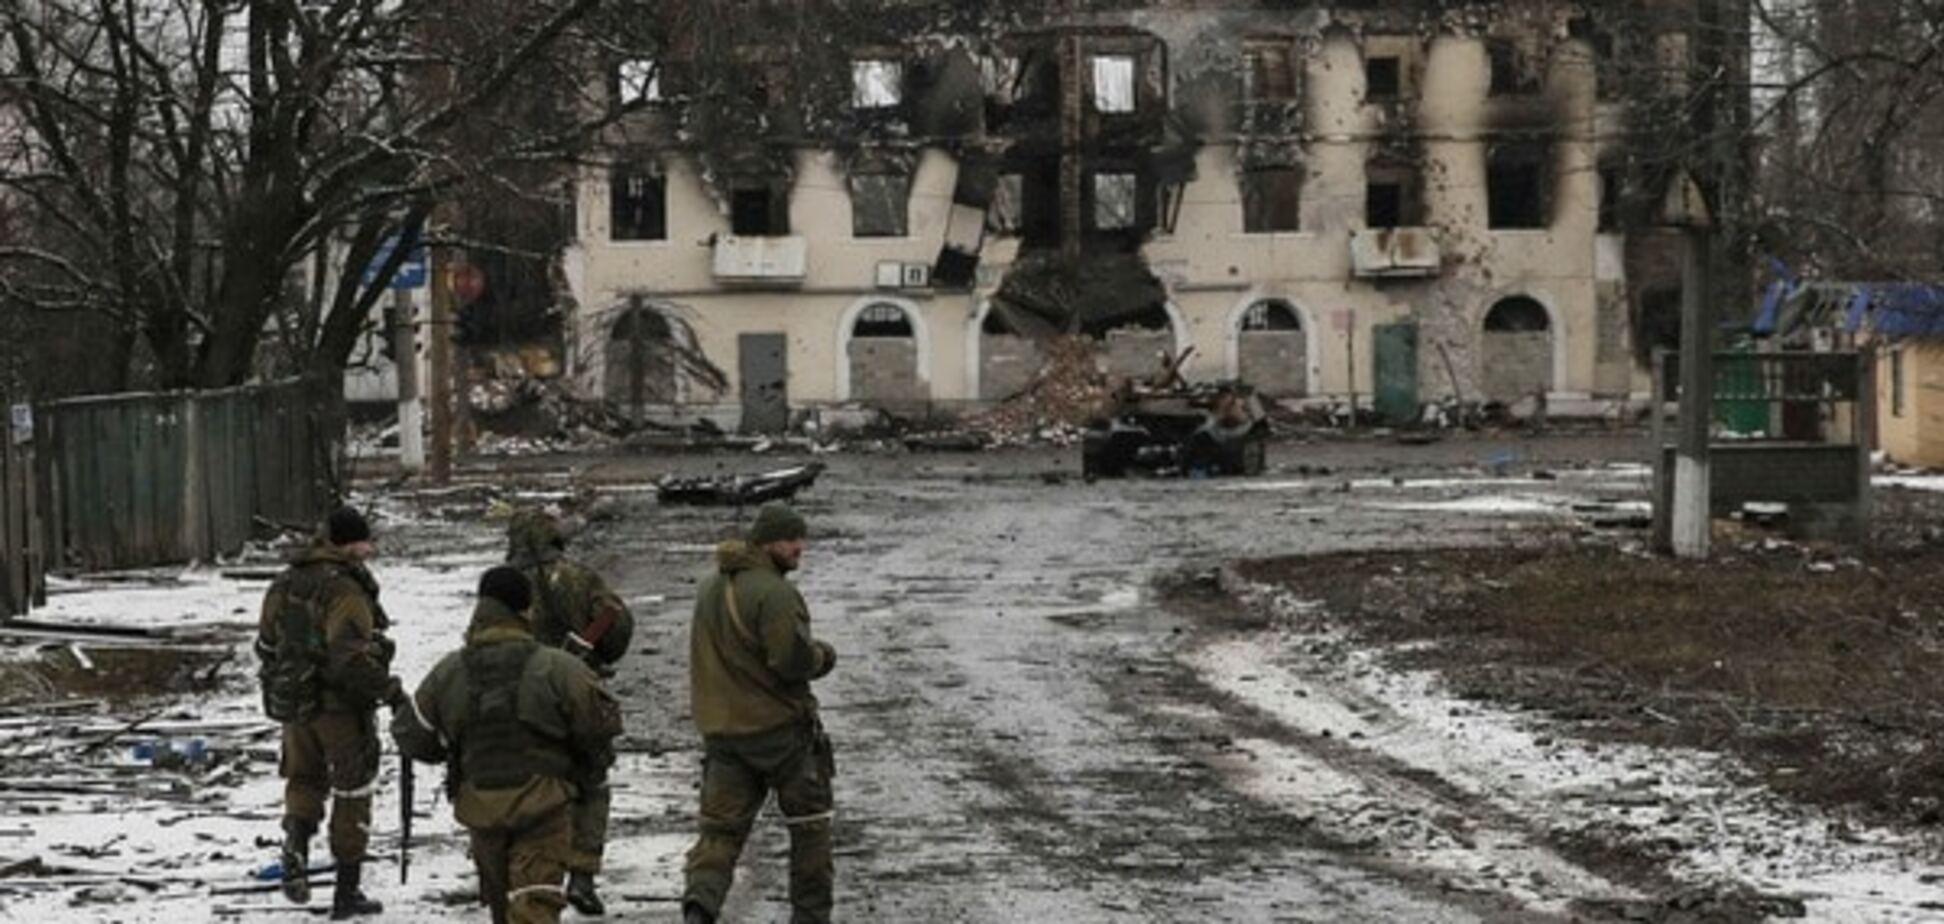 Сповідь з пекла: офіцер спецназу про трагедію в Дебальцевому